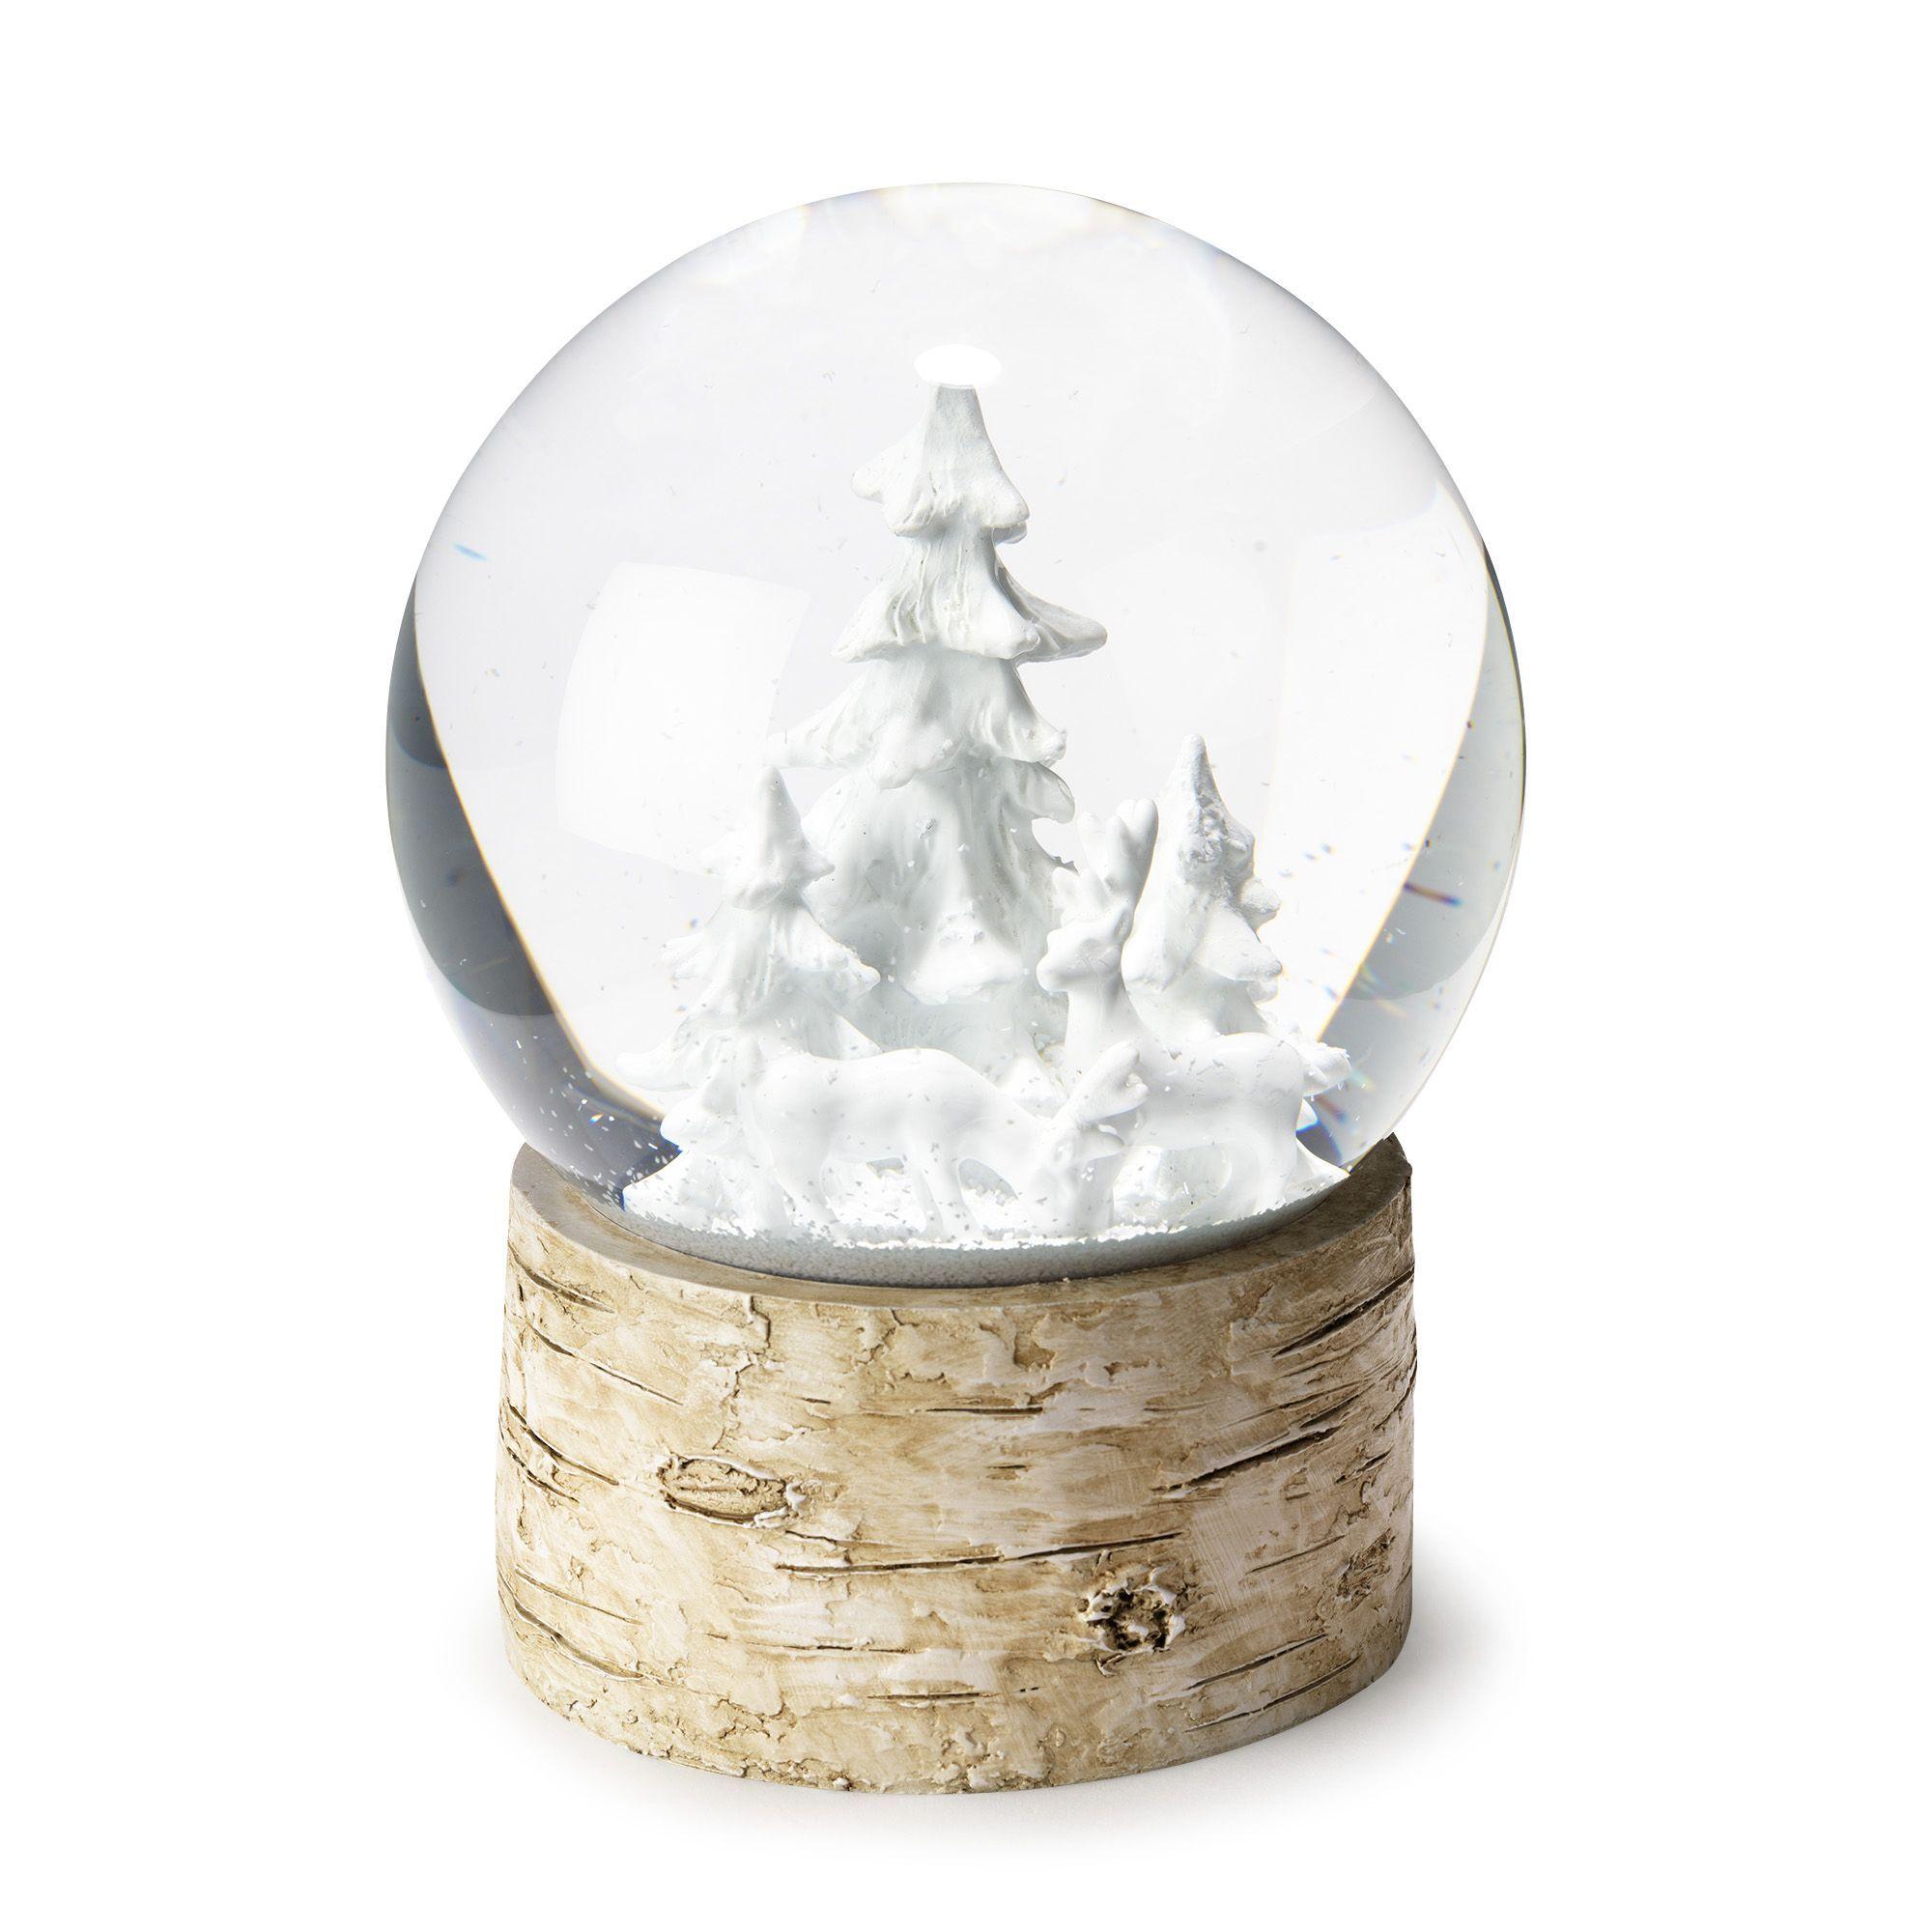 boule neige h16cm snow les objets d coratifs vases et objets de d co salon et salle. Black Bedroom Furniture Sets. Home Design Ideas